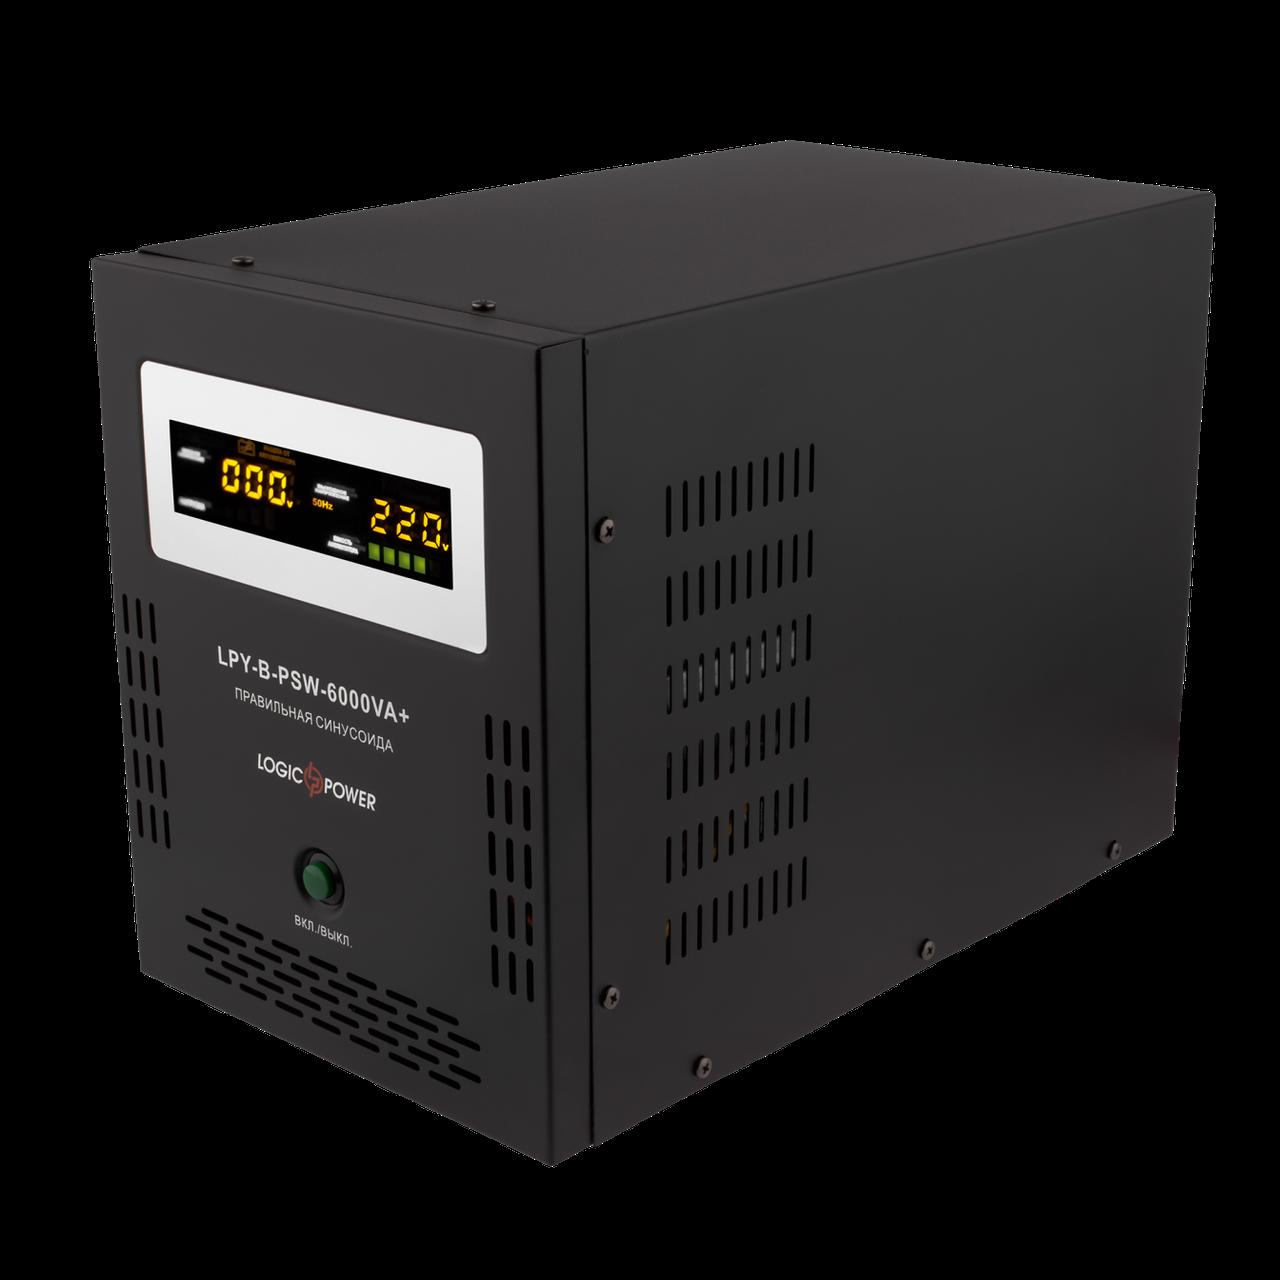 УЦ ИБП LogicPower LPY-B-PSW-6000VA+(4200Вт)10A/20A с правильной синусоидой 48V